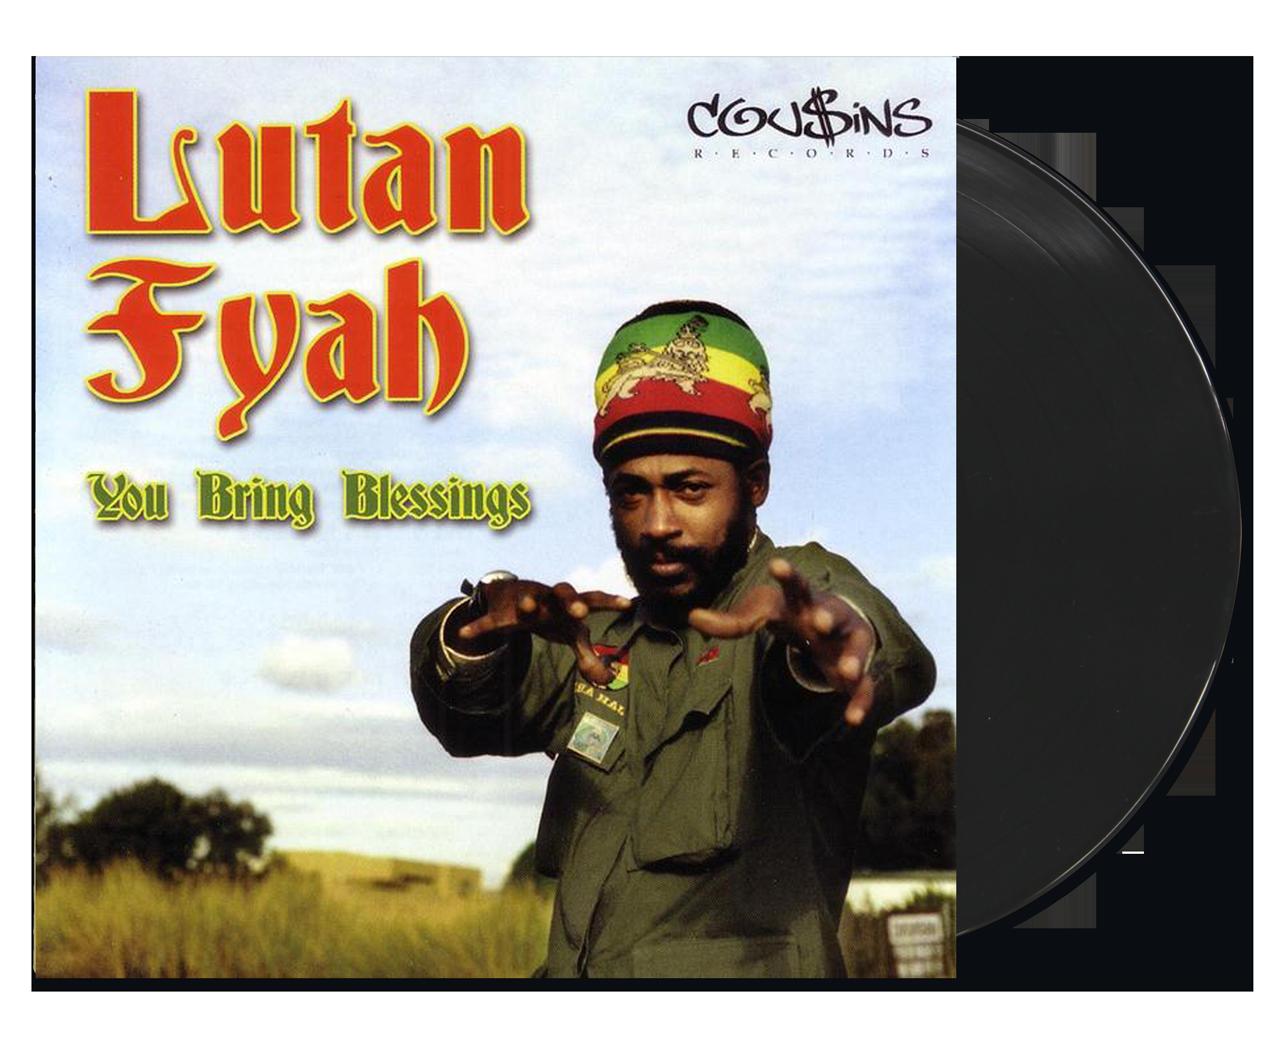 Fyah lynx gospel reggae music